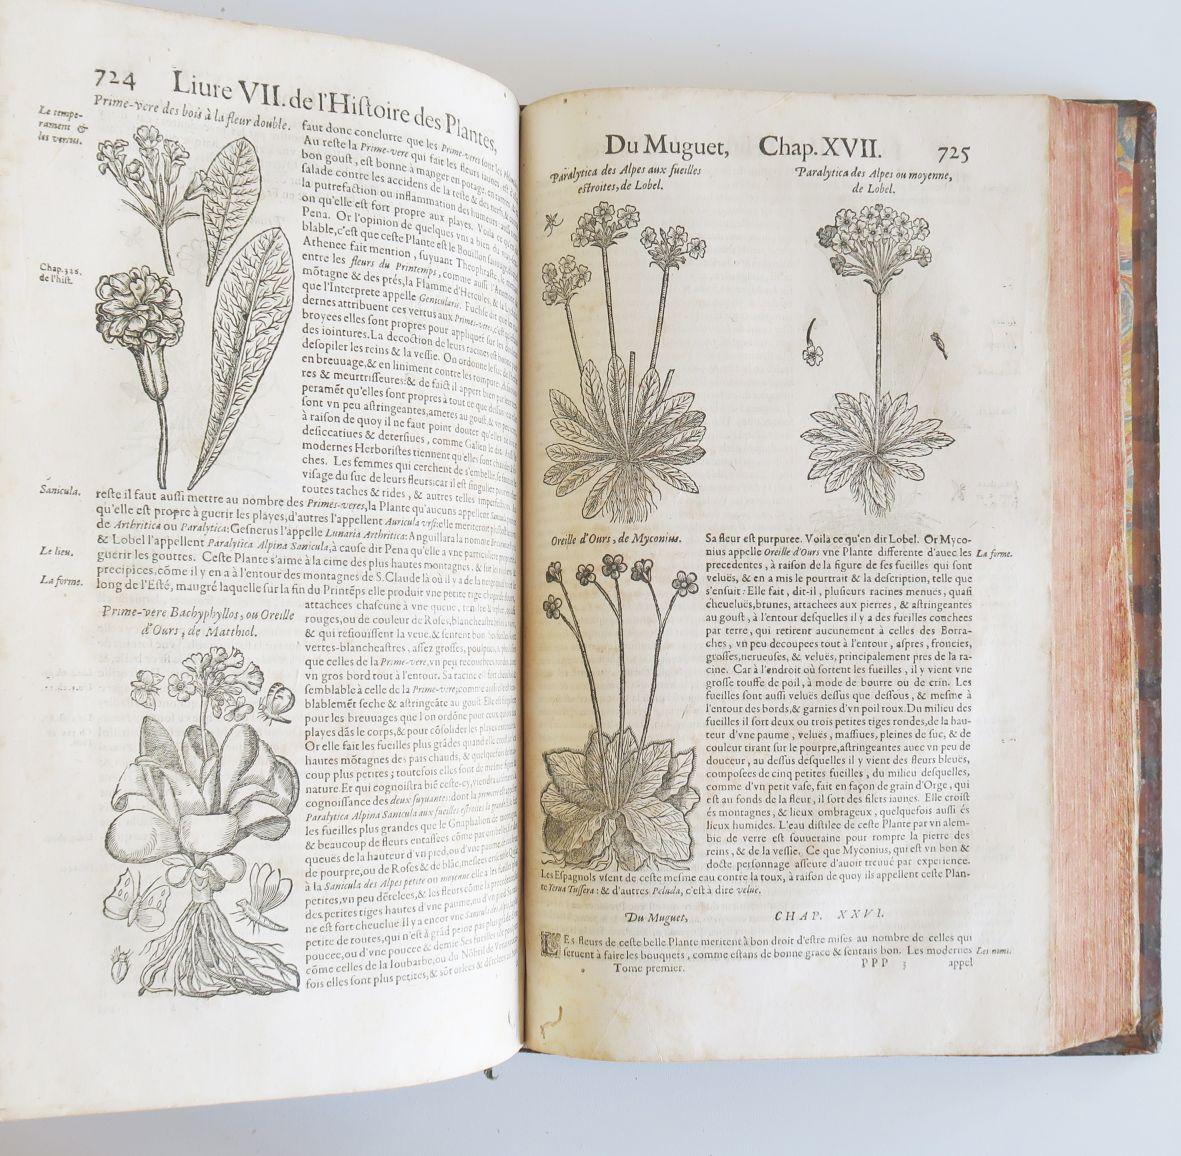 Vente Livres et Manuscrits chez Boisseau-Pomez : 655 lots